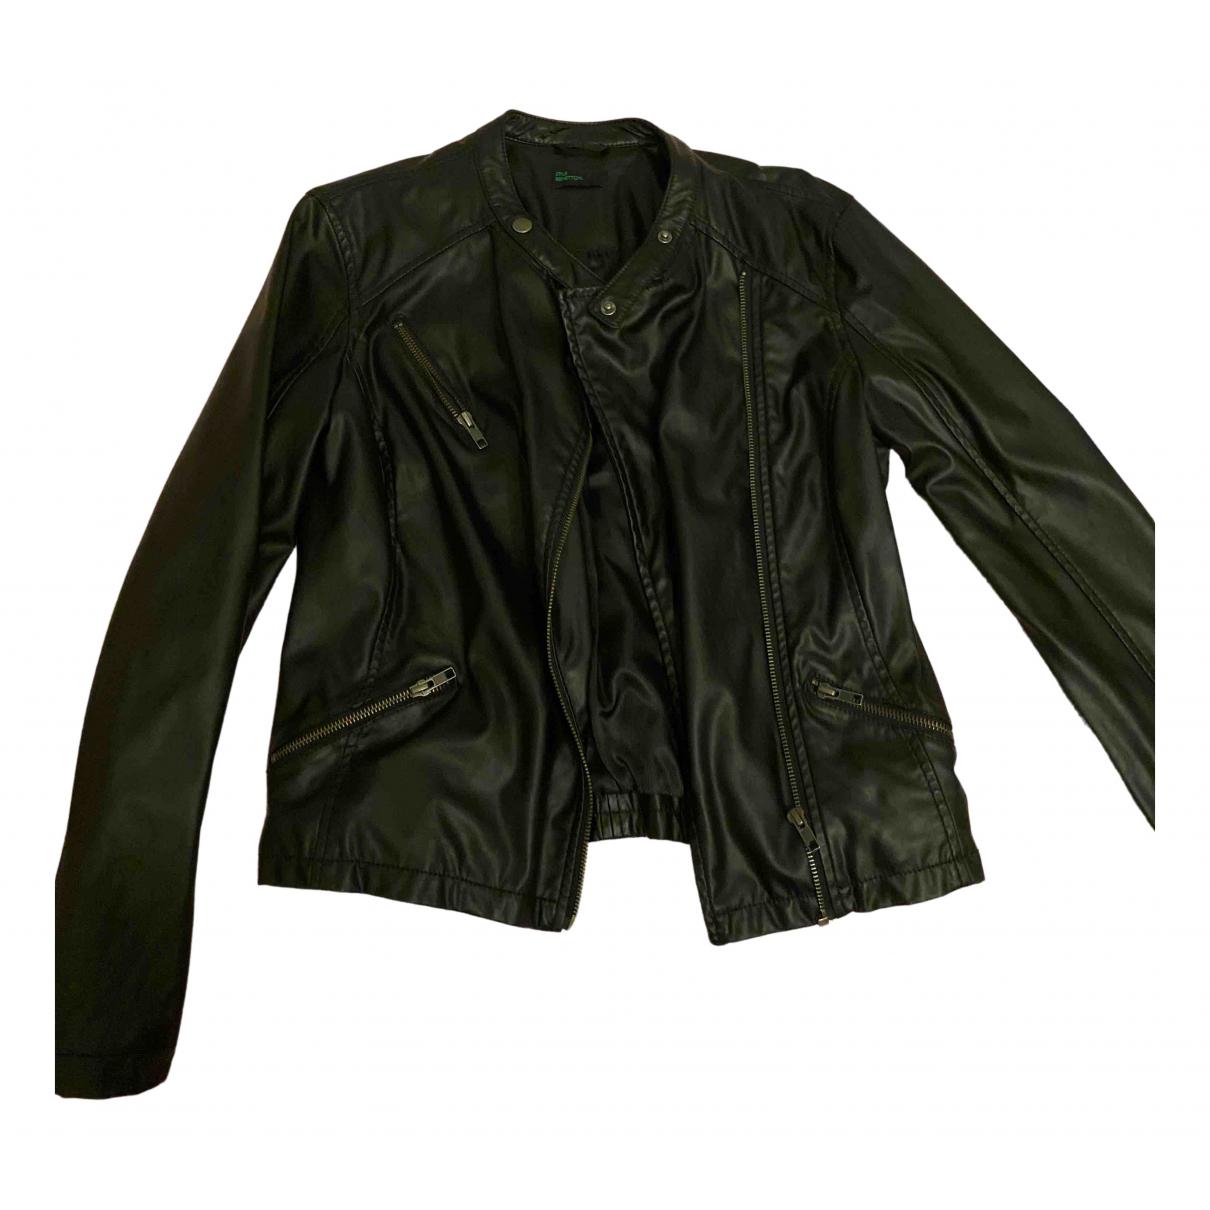 Benetton \N Jacke in  Schwarz Polyester